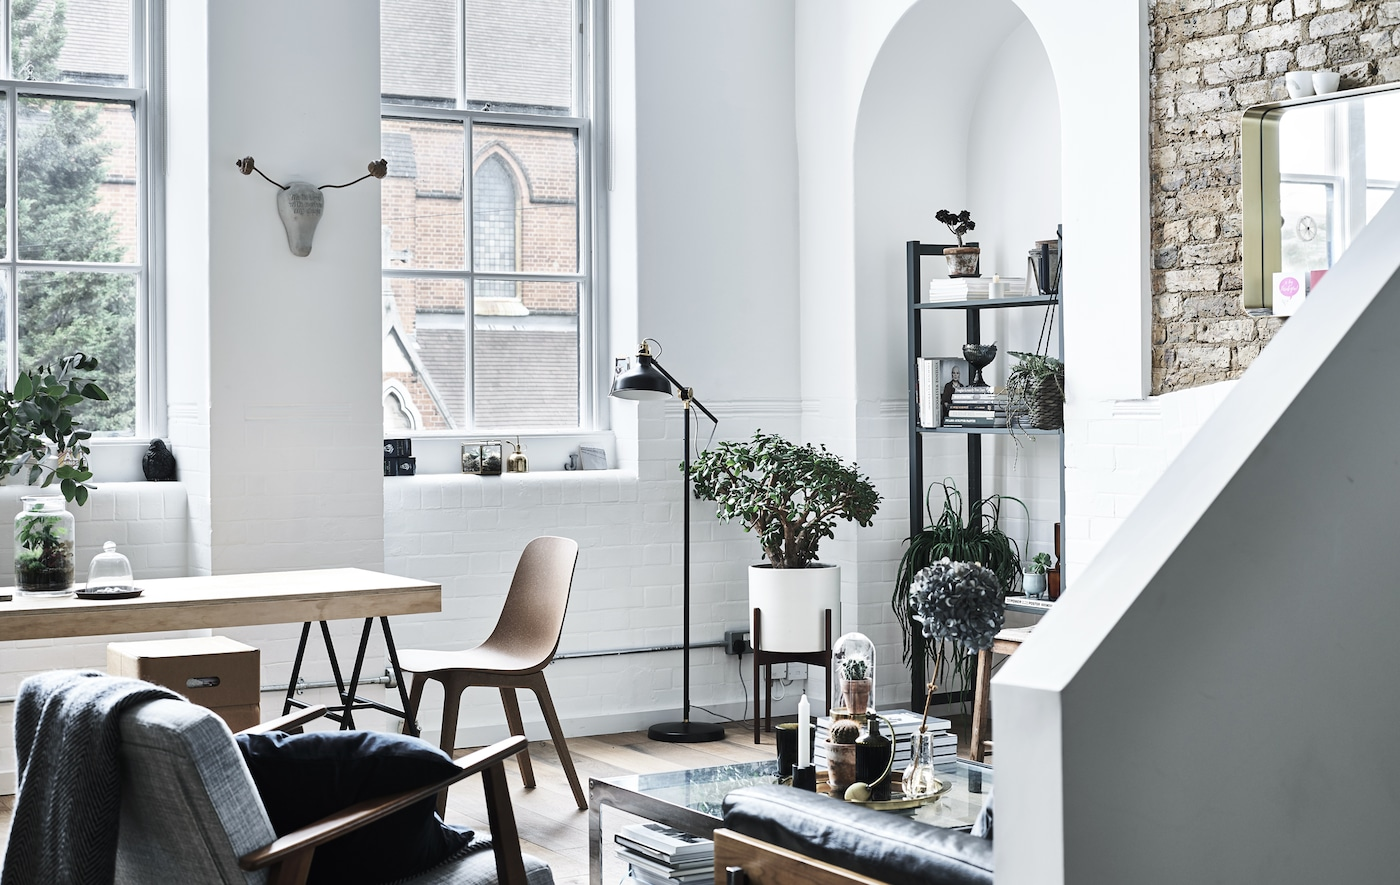 غرفة جلوس ومساحة للطعام بجدران باللون الأبيض.